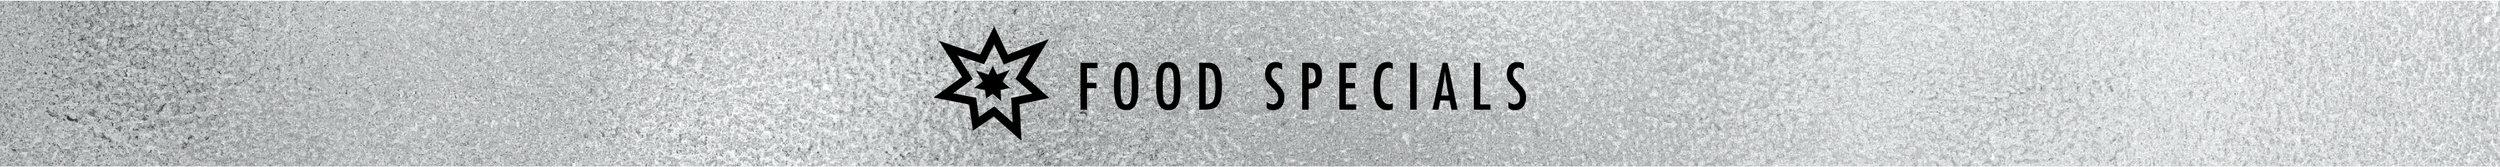 Food Specials HIRES.jpg